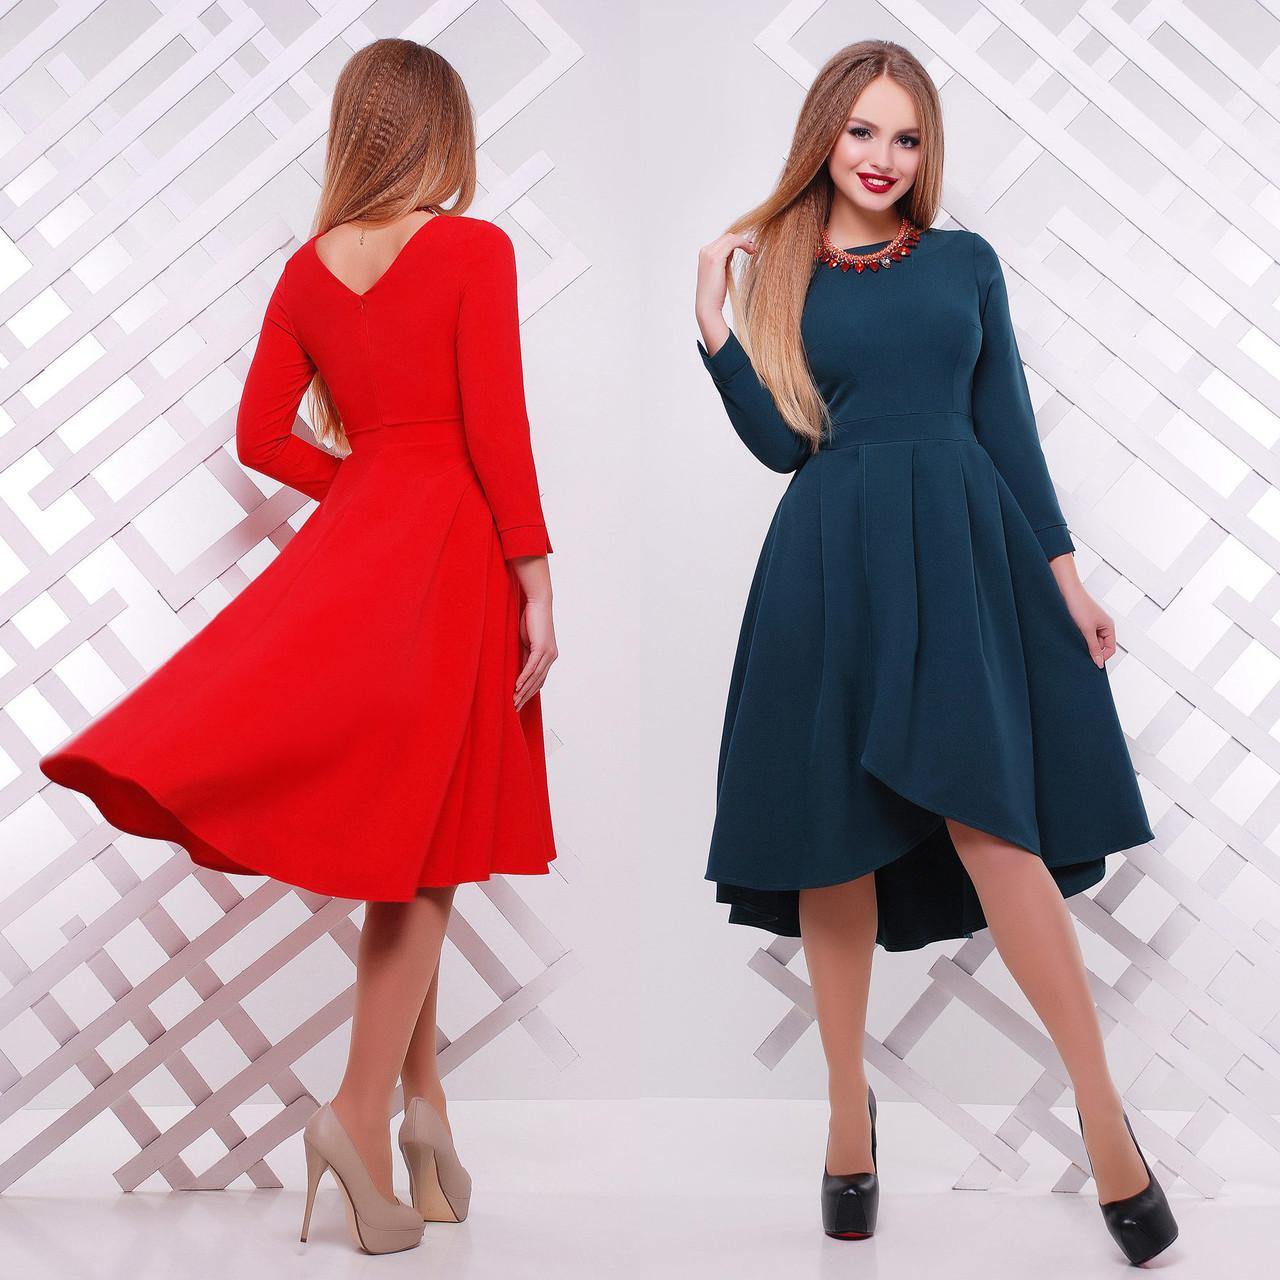 c7faed0ae5e Купить Платье миди с асимметричной пышной юбкой по лучшей цене в ...